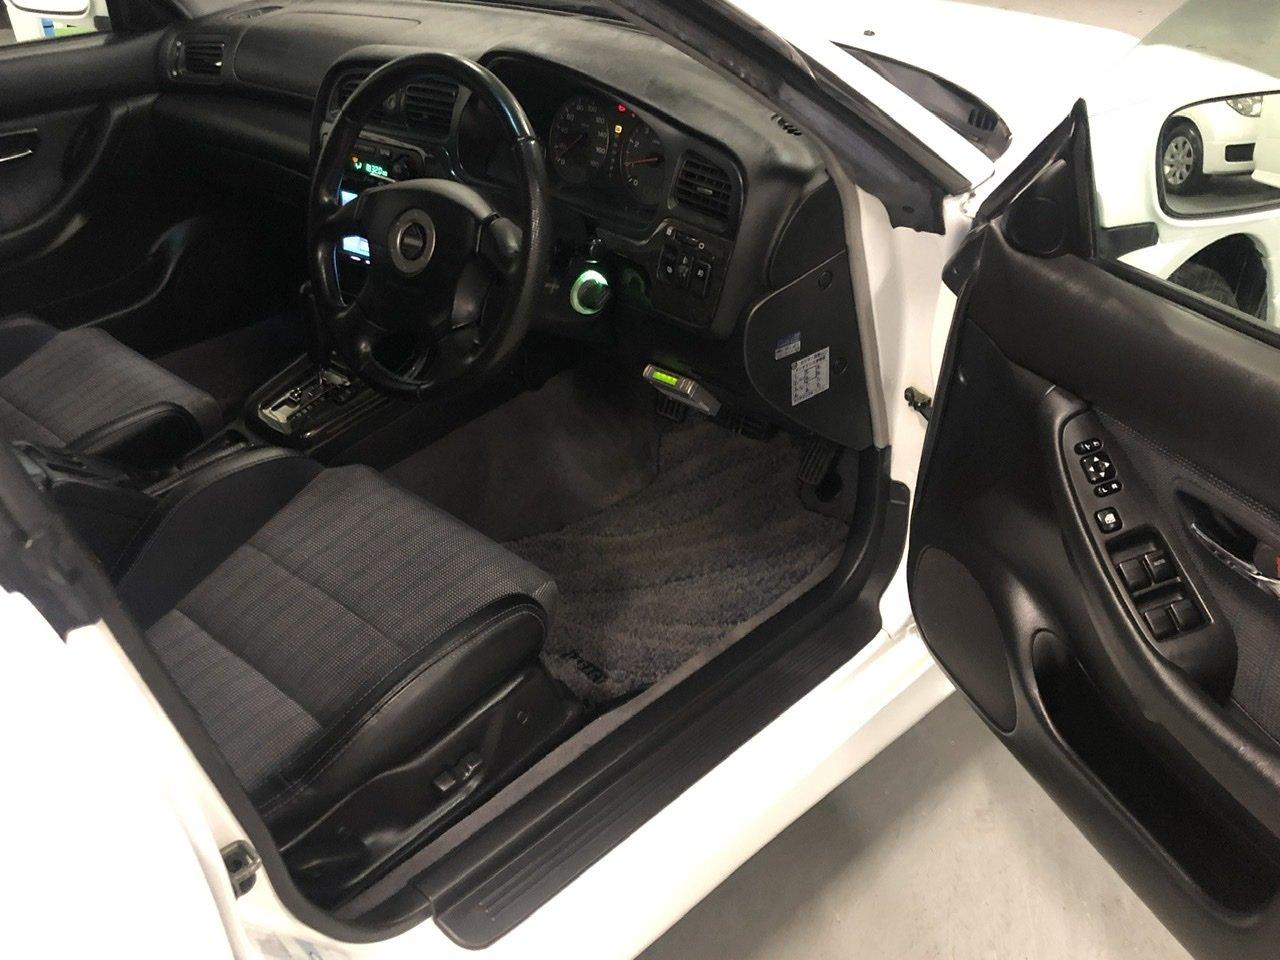 1998 SUBARU LEGACY BH5 TOURING WAGON 2.0 GTB e-TUNE 4WD Auto For Sale (picture 6 of 6)